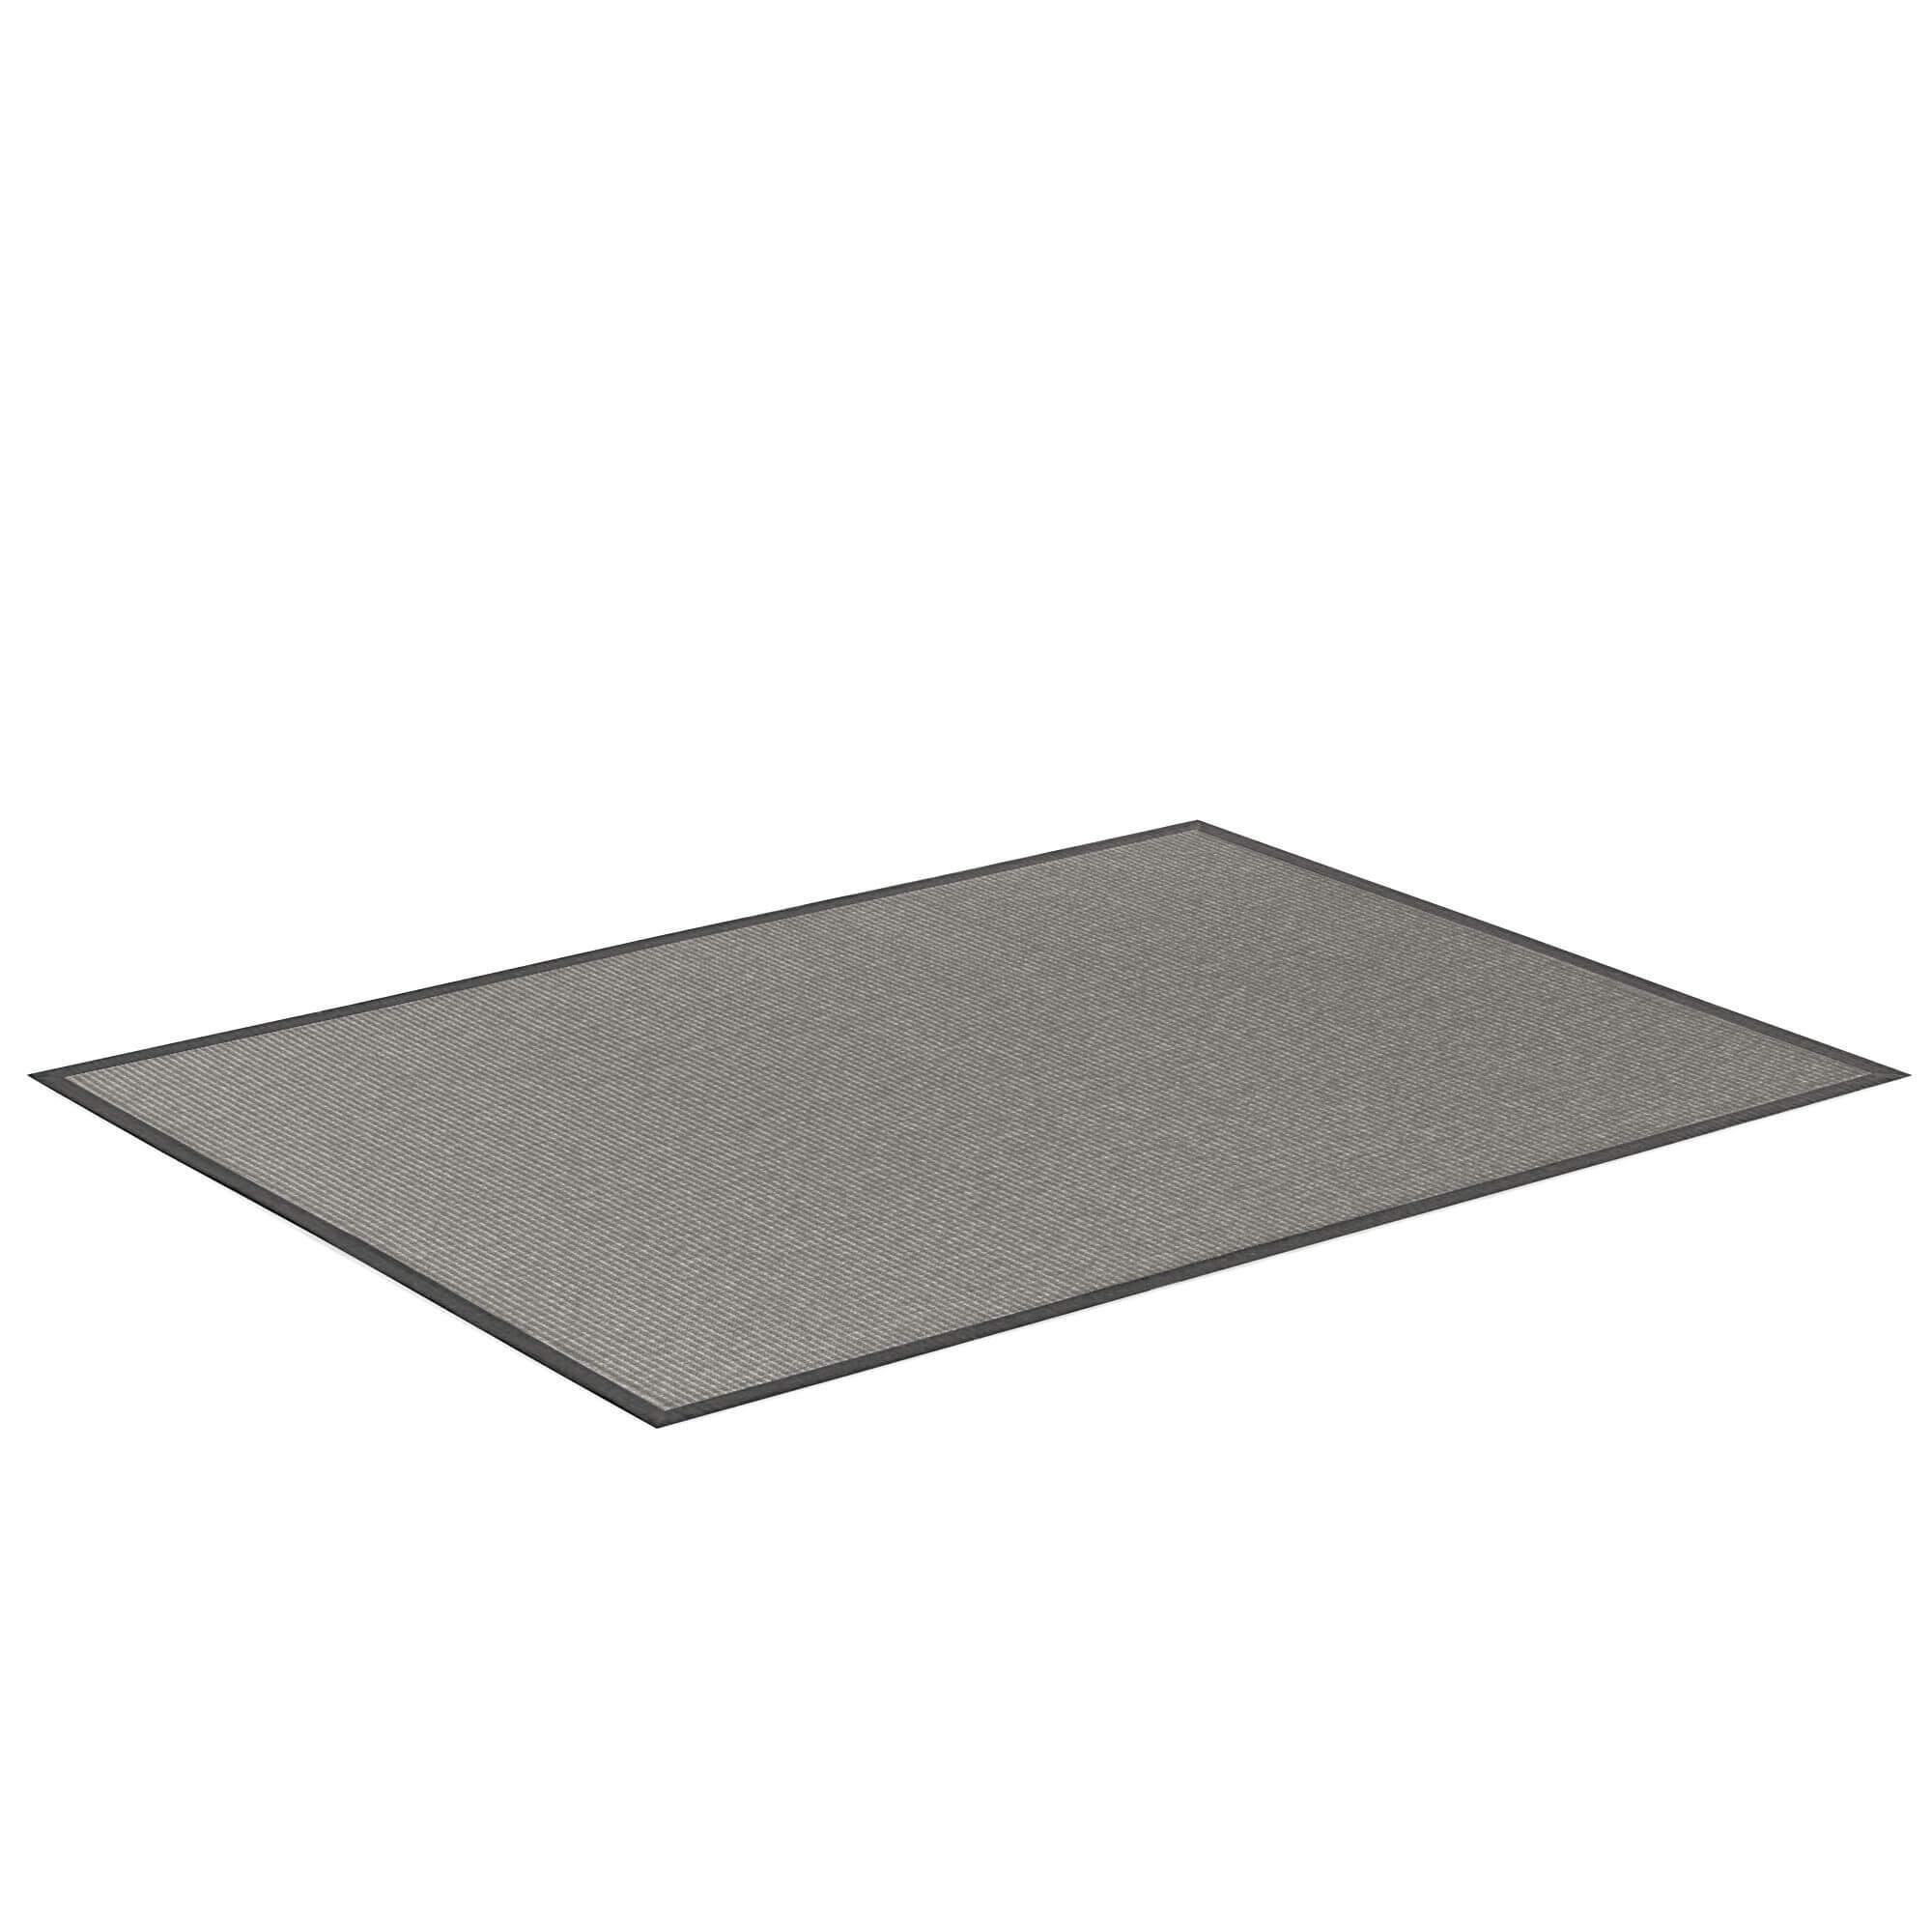 Full Size of Schlafzimmer Teppich Steinteppich Bad Wohnzimmer Für Küche Badezimmer Esstisch Teppiche Wohnzimmer Teppich 300x400